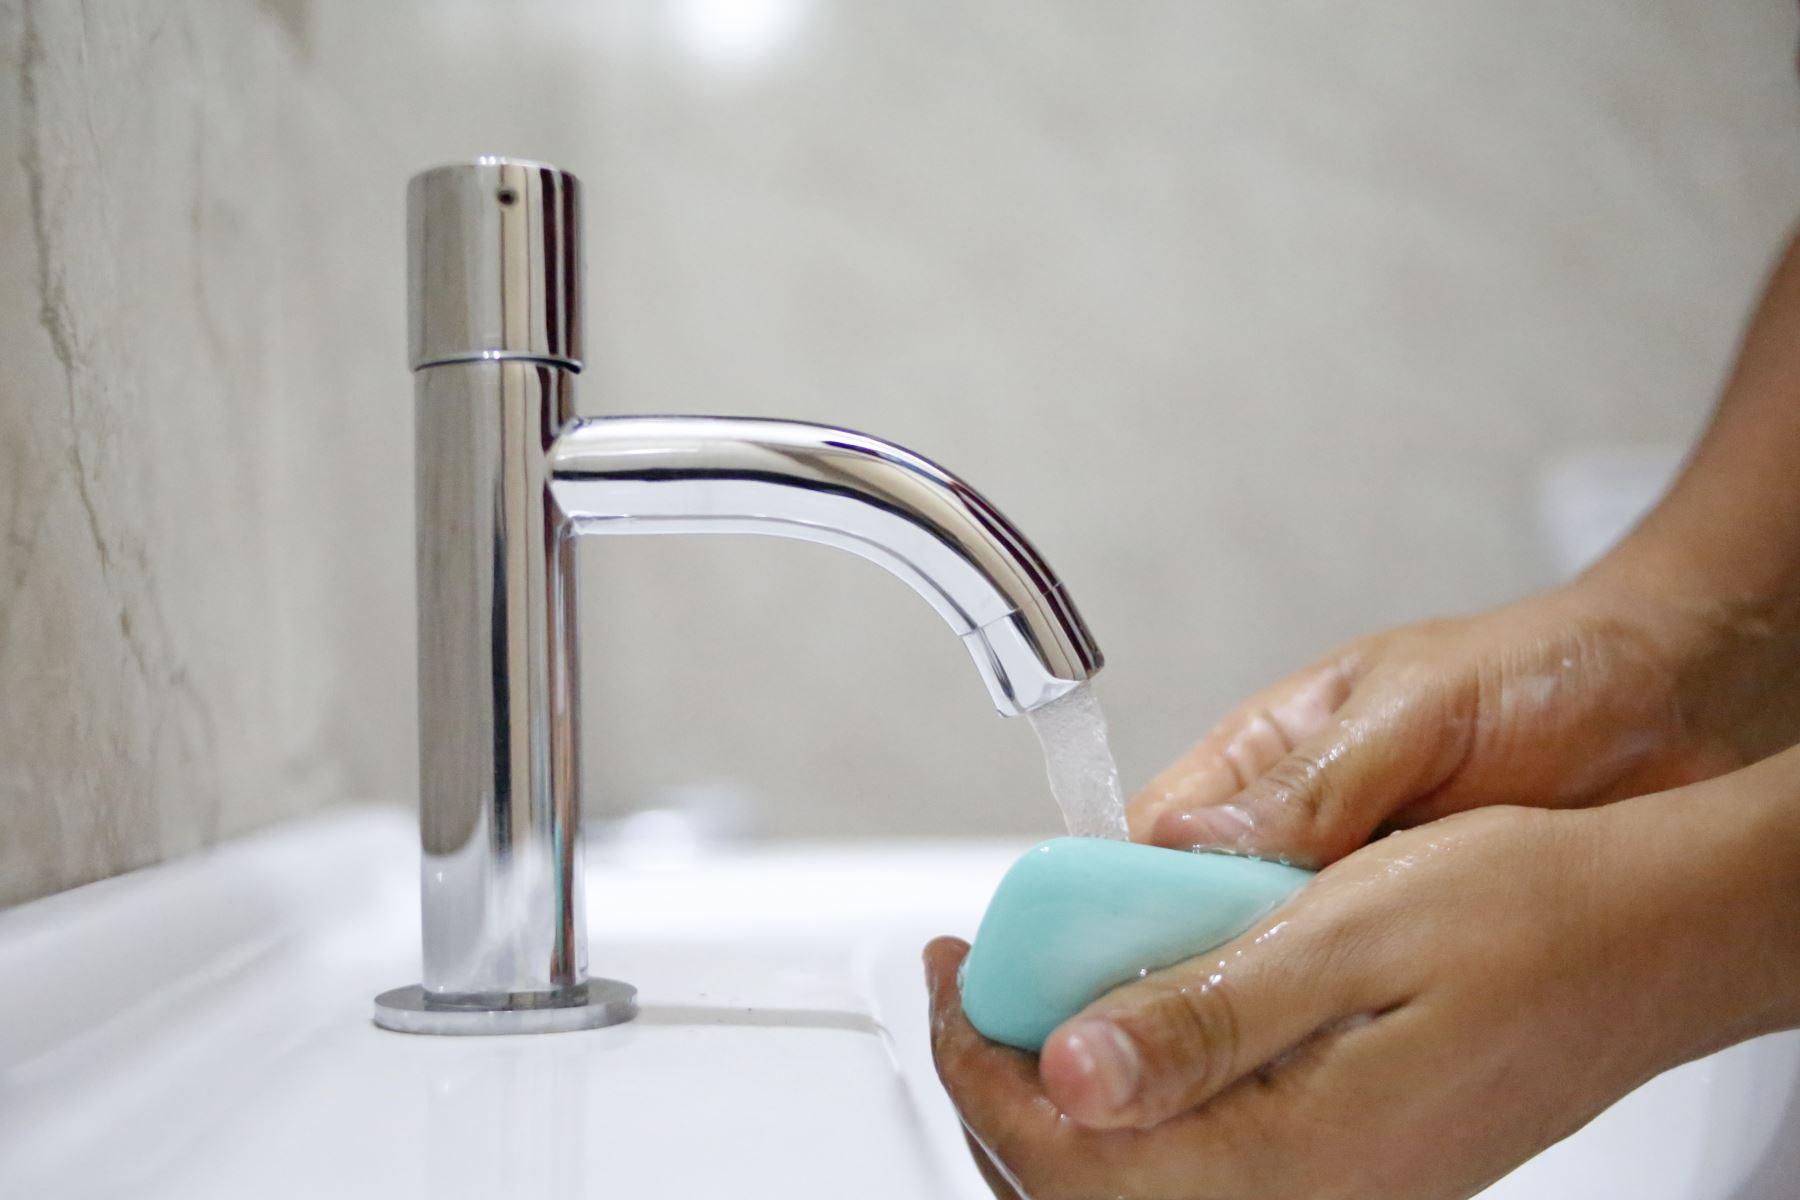 El Día Nacional de la Higiene de Manos fue establecido el año pasado por el Ministerio de Salud. Foto: ANDINA/Renato Pajuelo